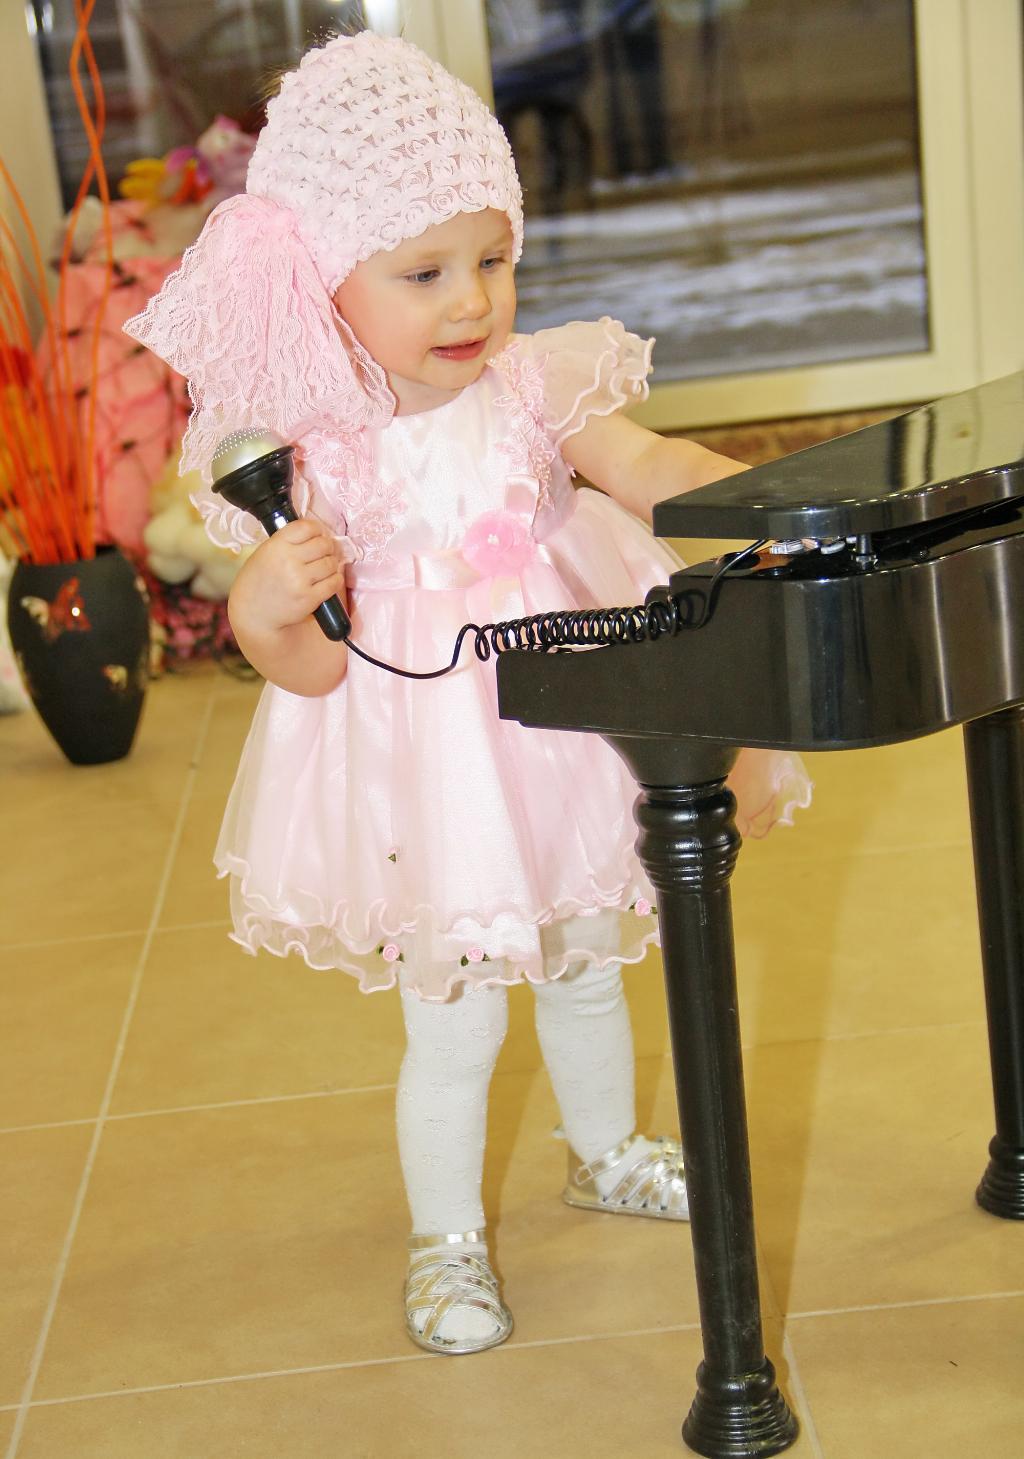 Моё концертное платье)). Маленькая модница